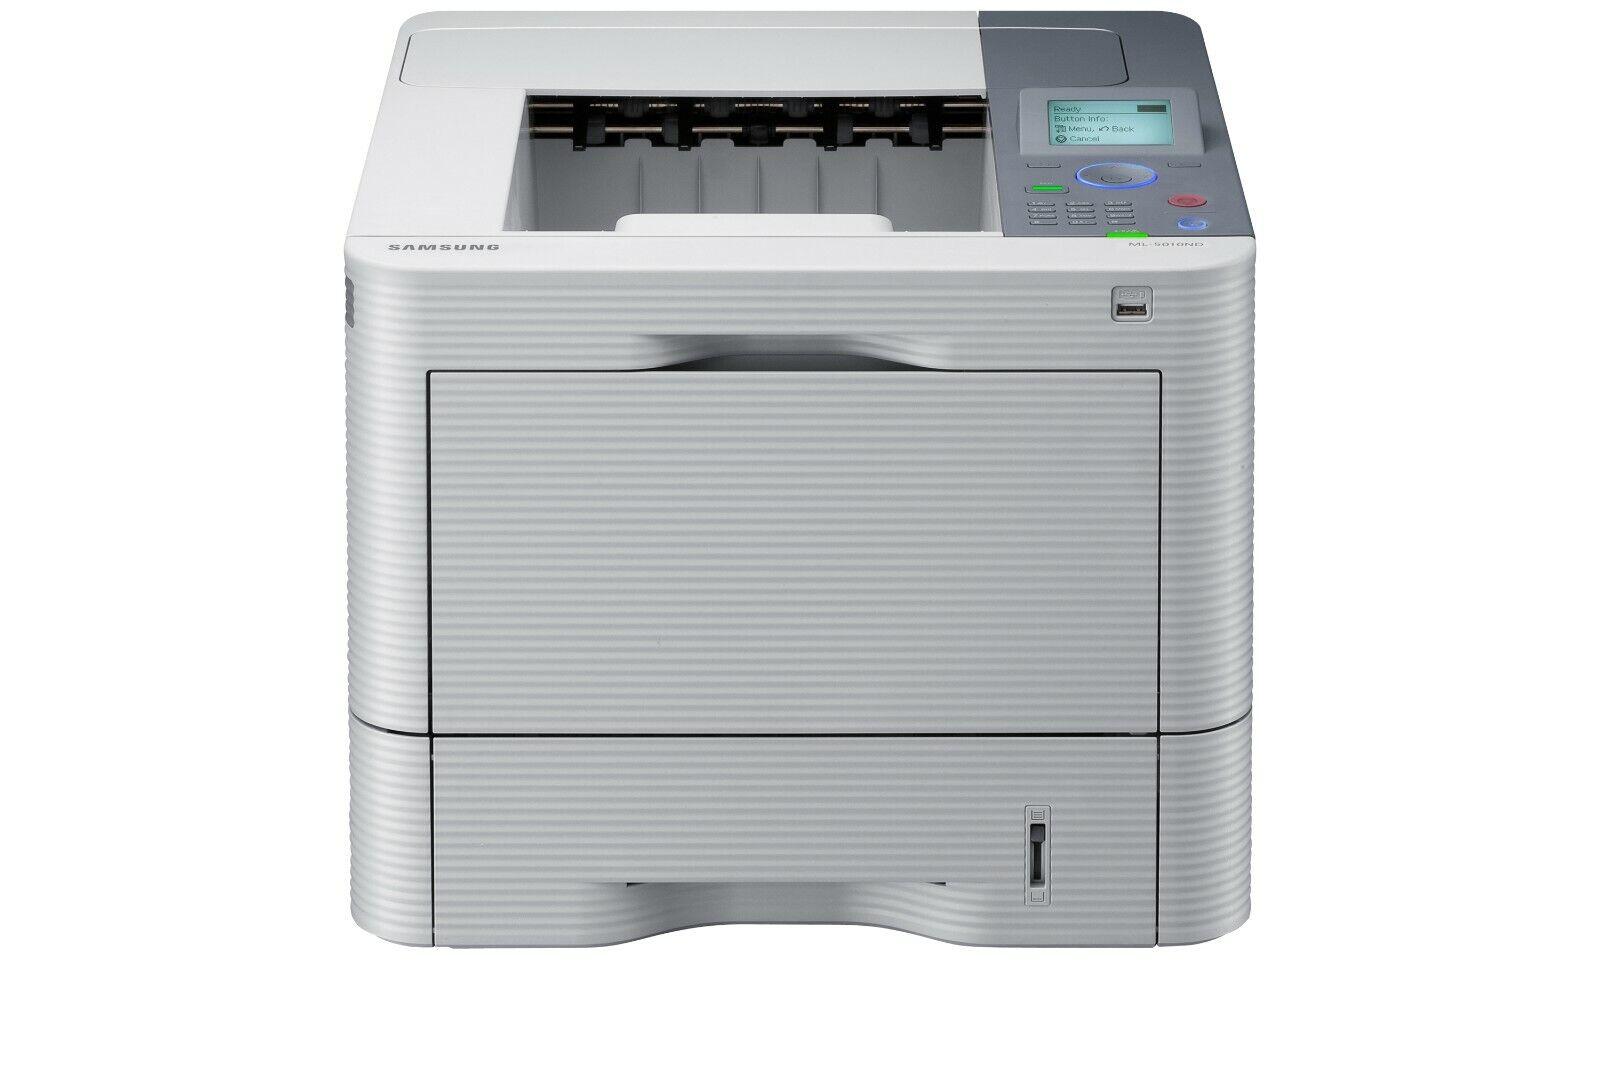 Samsung ml-5010nd imprimante laser n/b a4